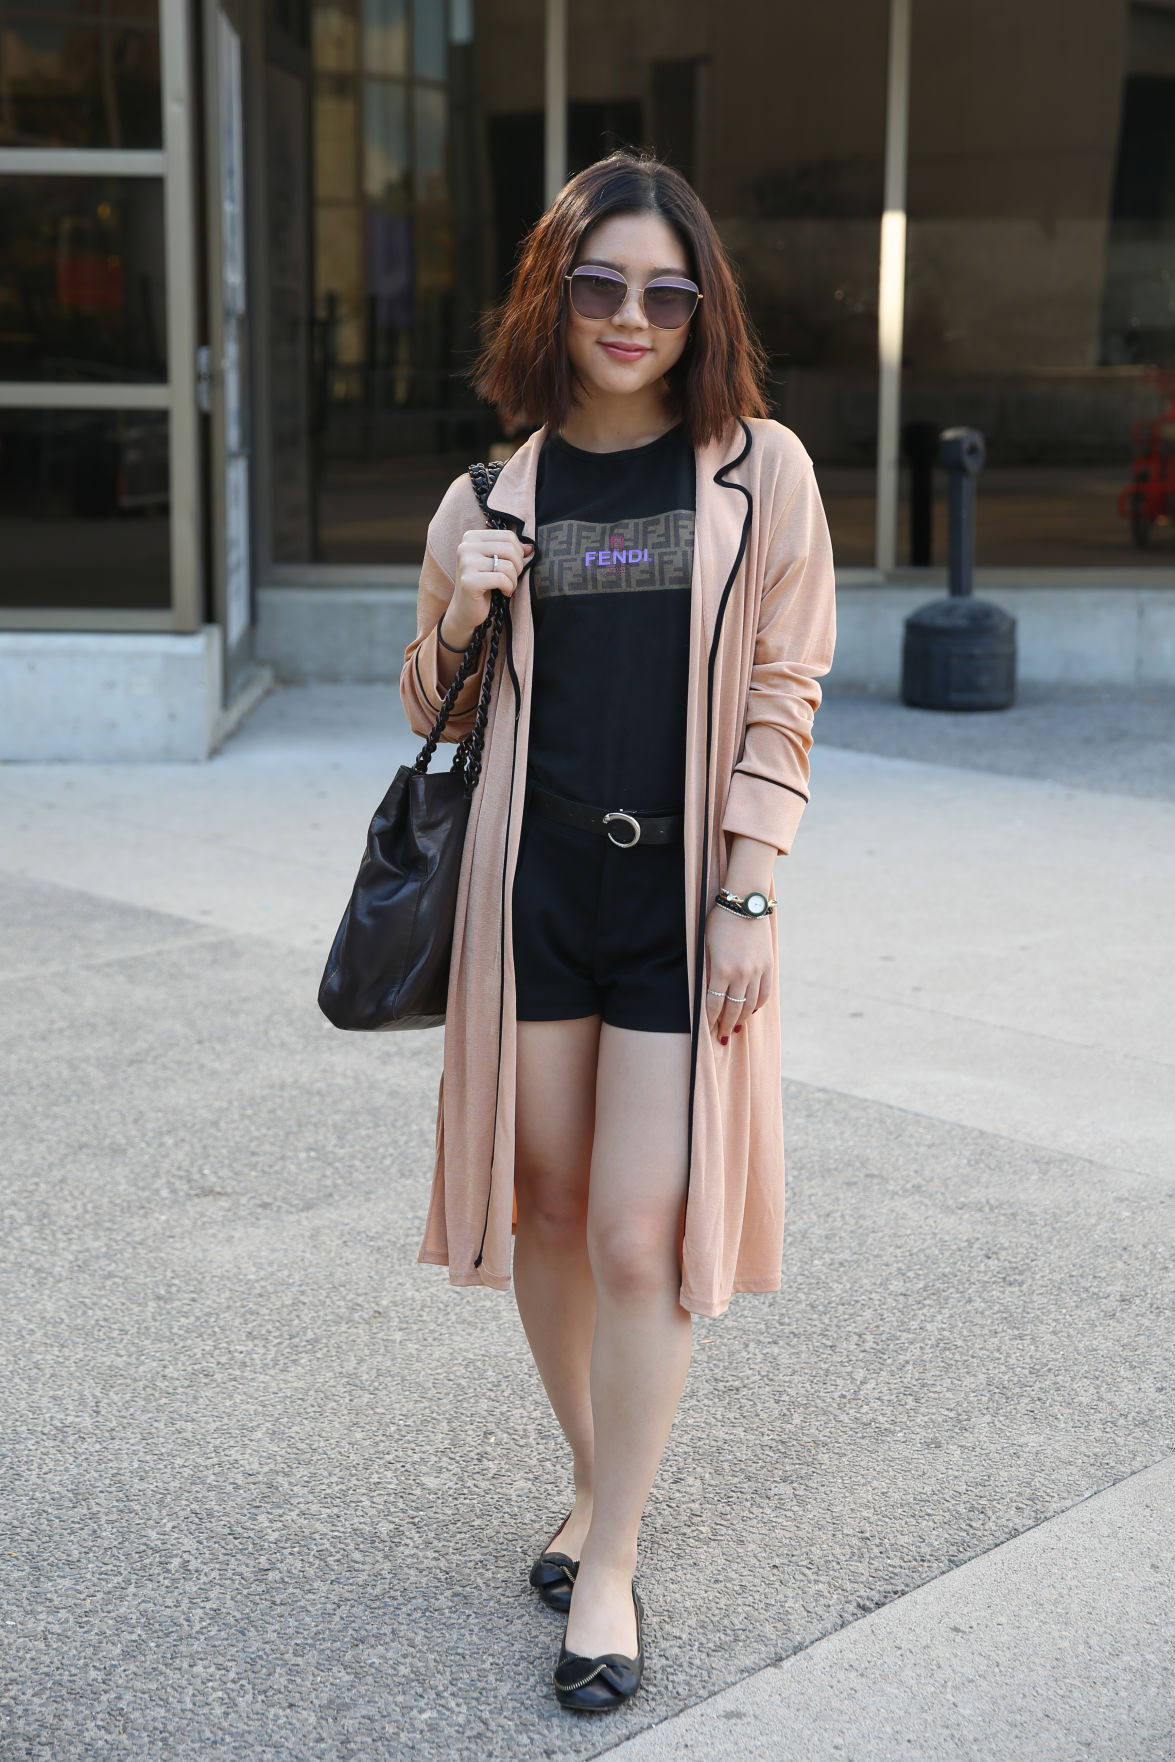 Fashion Forward - Jenny Jay (1 of 2).jpg